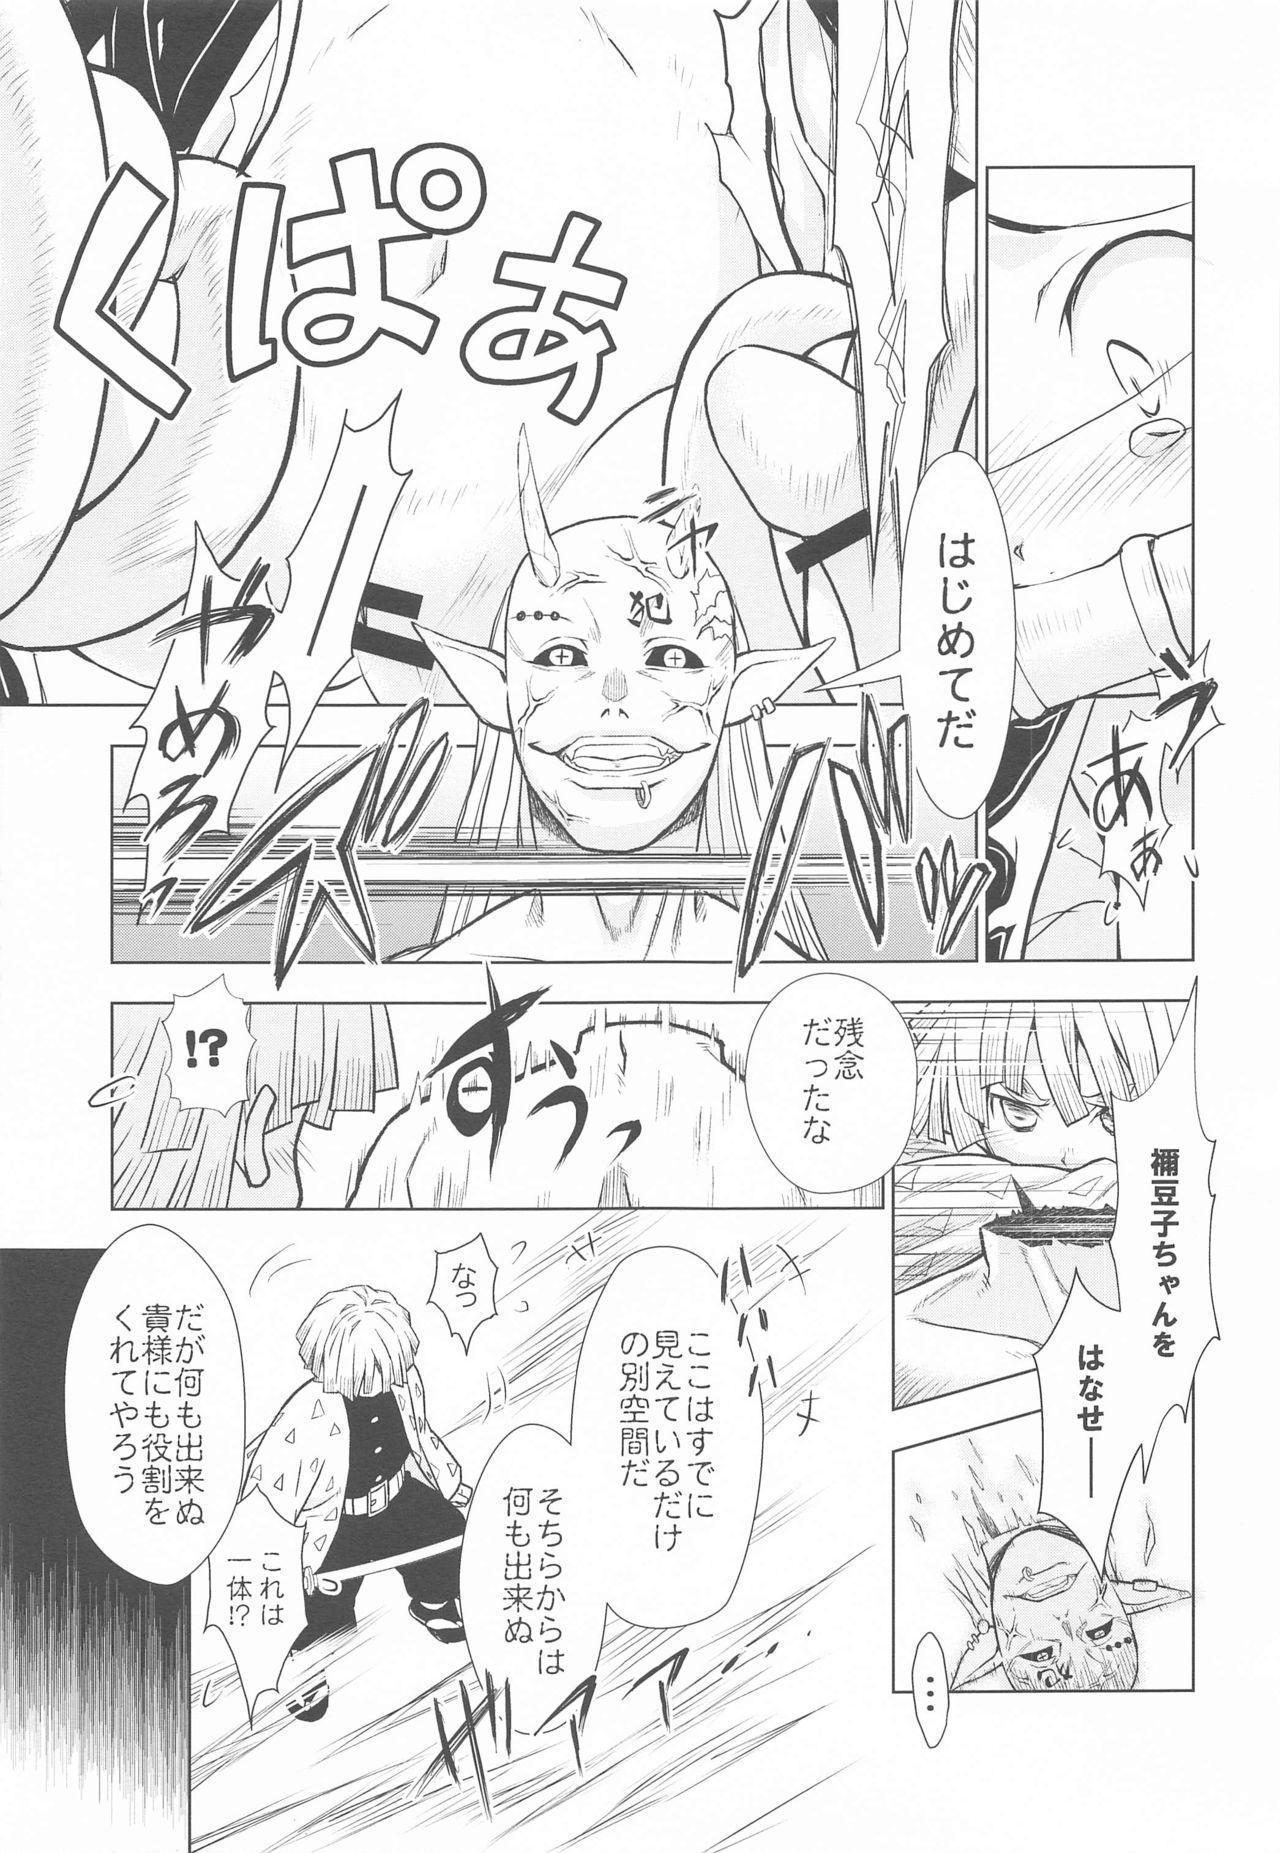 Zenitsu no Kiyuu Kimetsu no Yaiba Itan 7